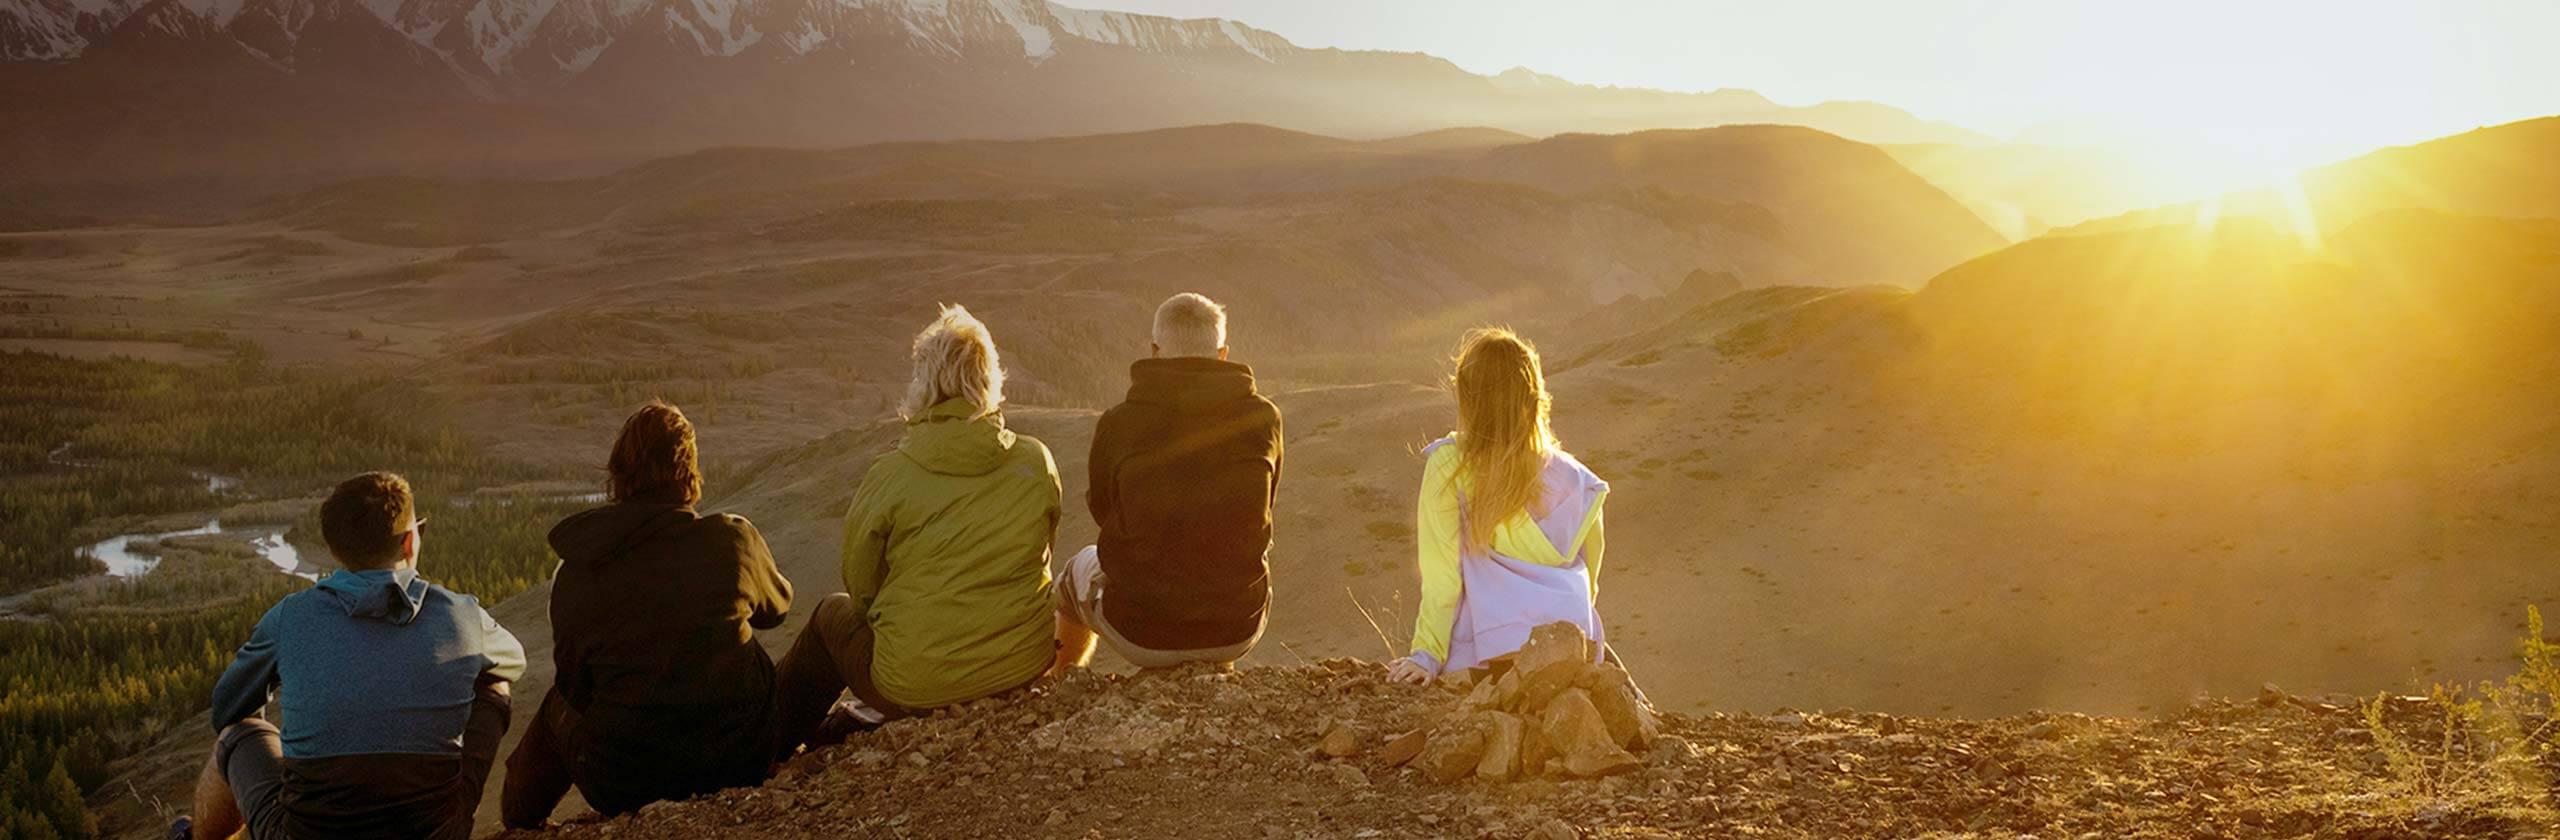 Family admiring mountain views